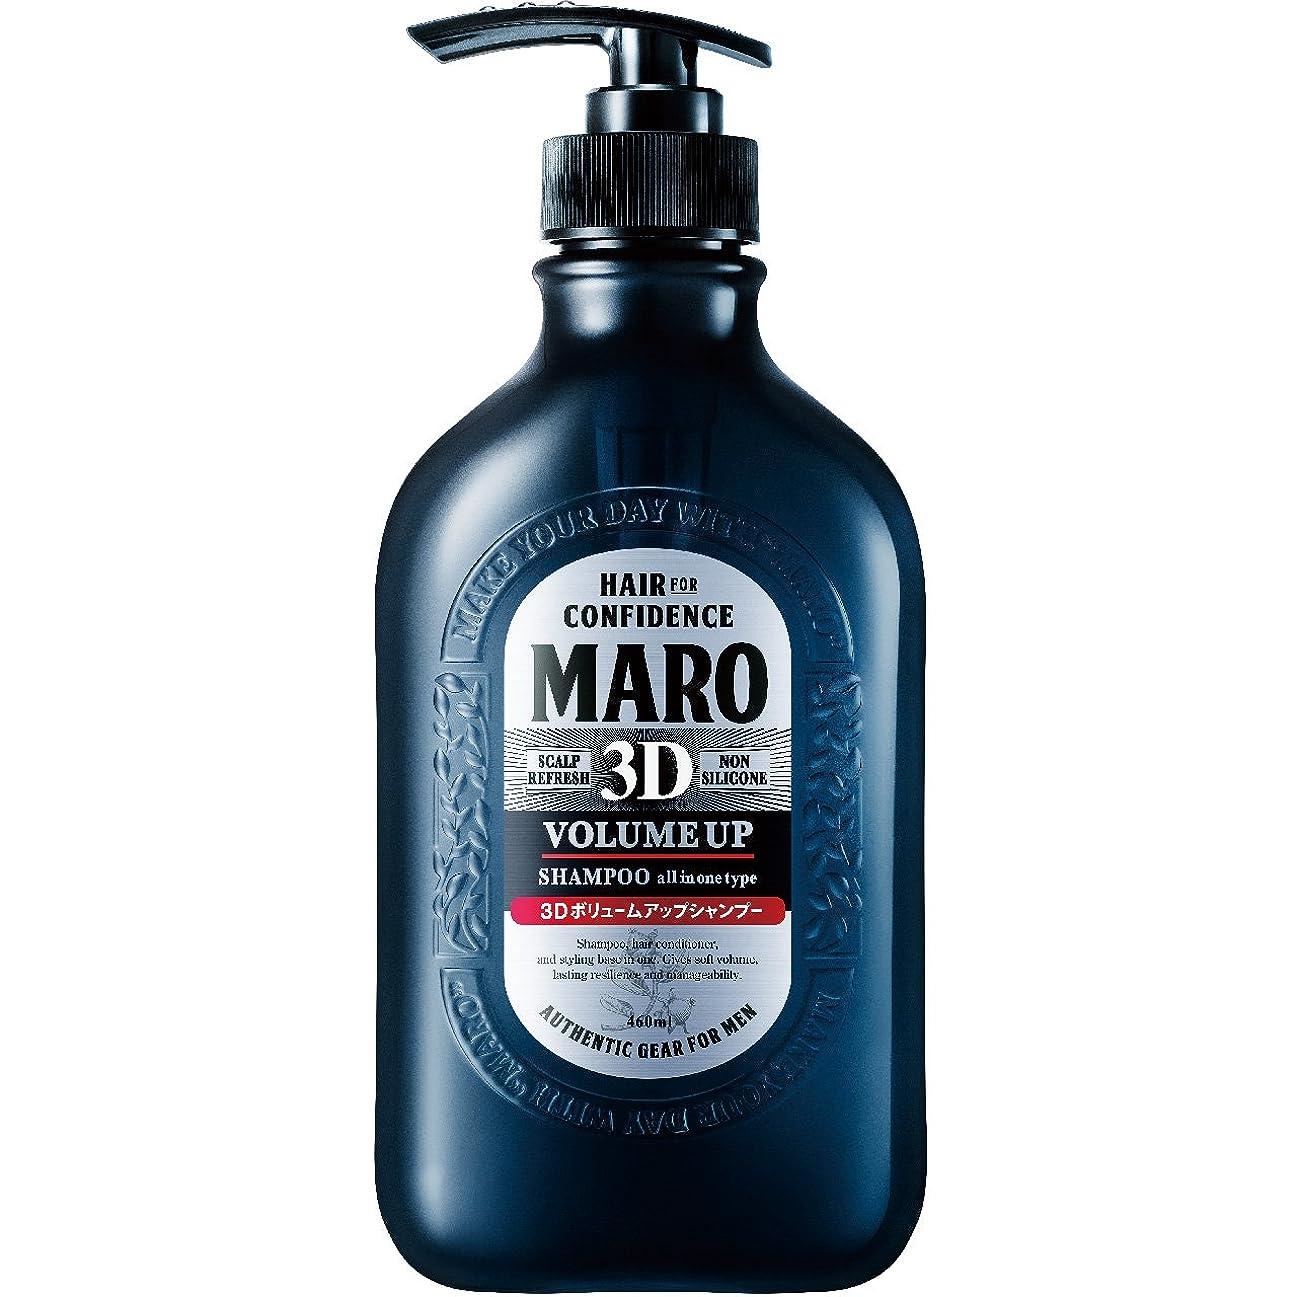 葉巻カフェ引き付けるMARO 3Dボリュームアップ シャンプー EX 460ml